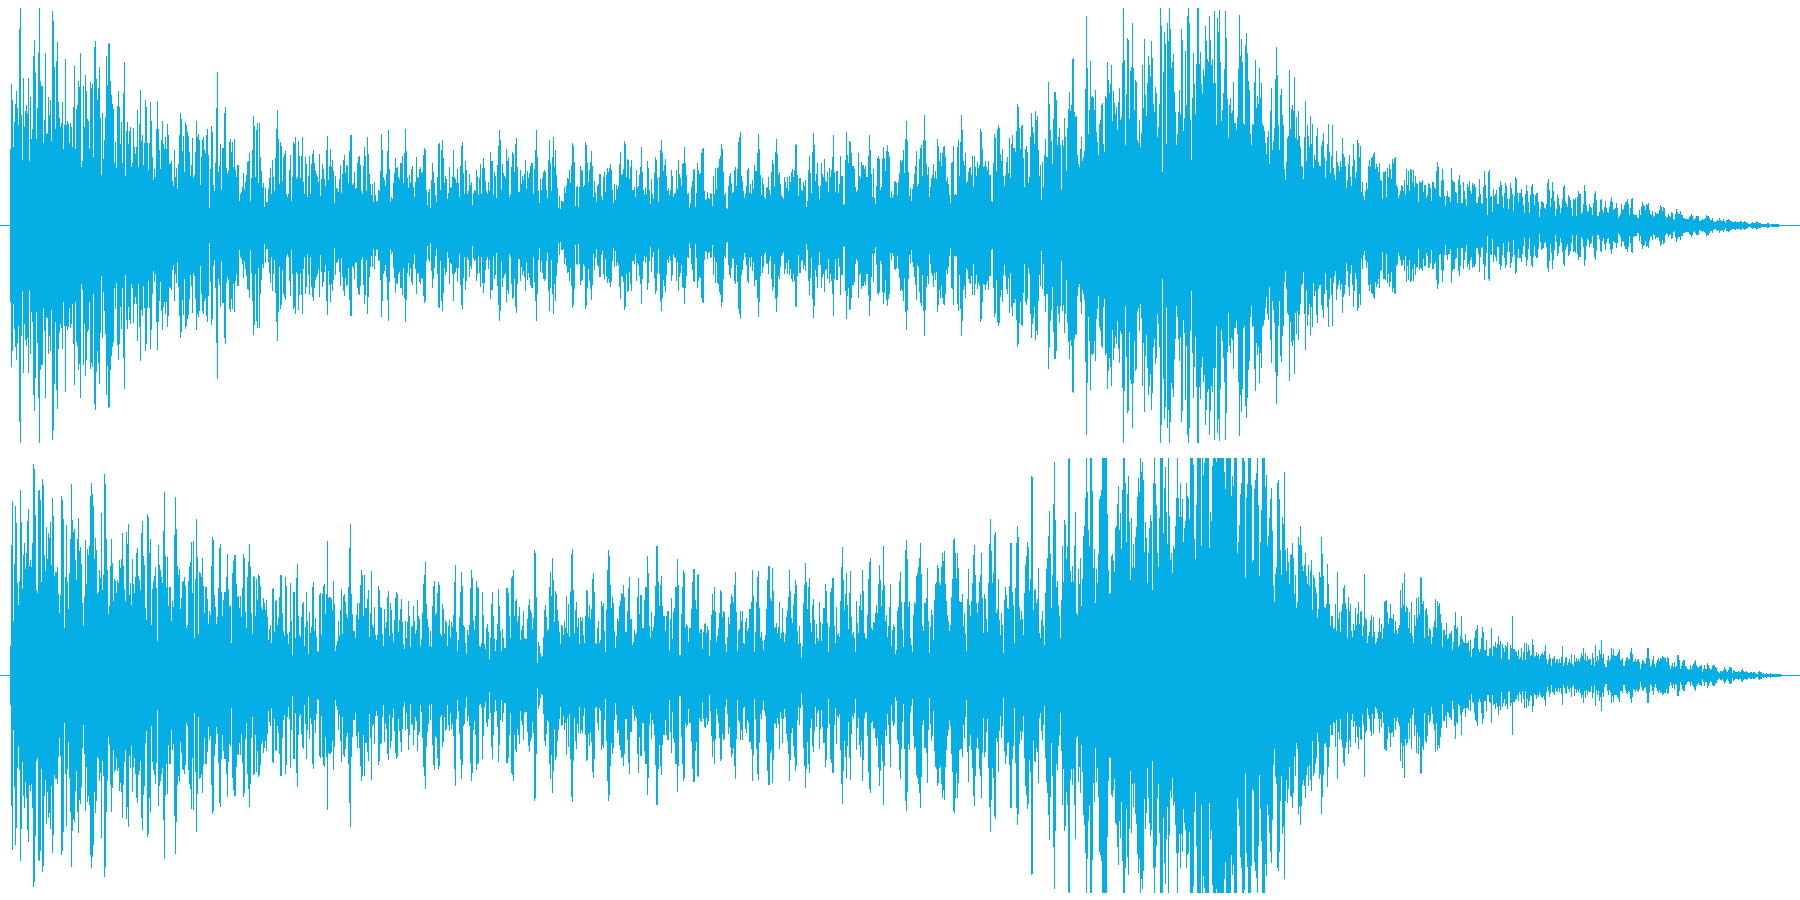 ティンパニーとシンバルのドラムロールの再生済みの波形